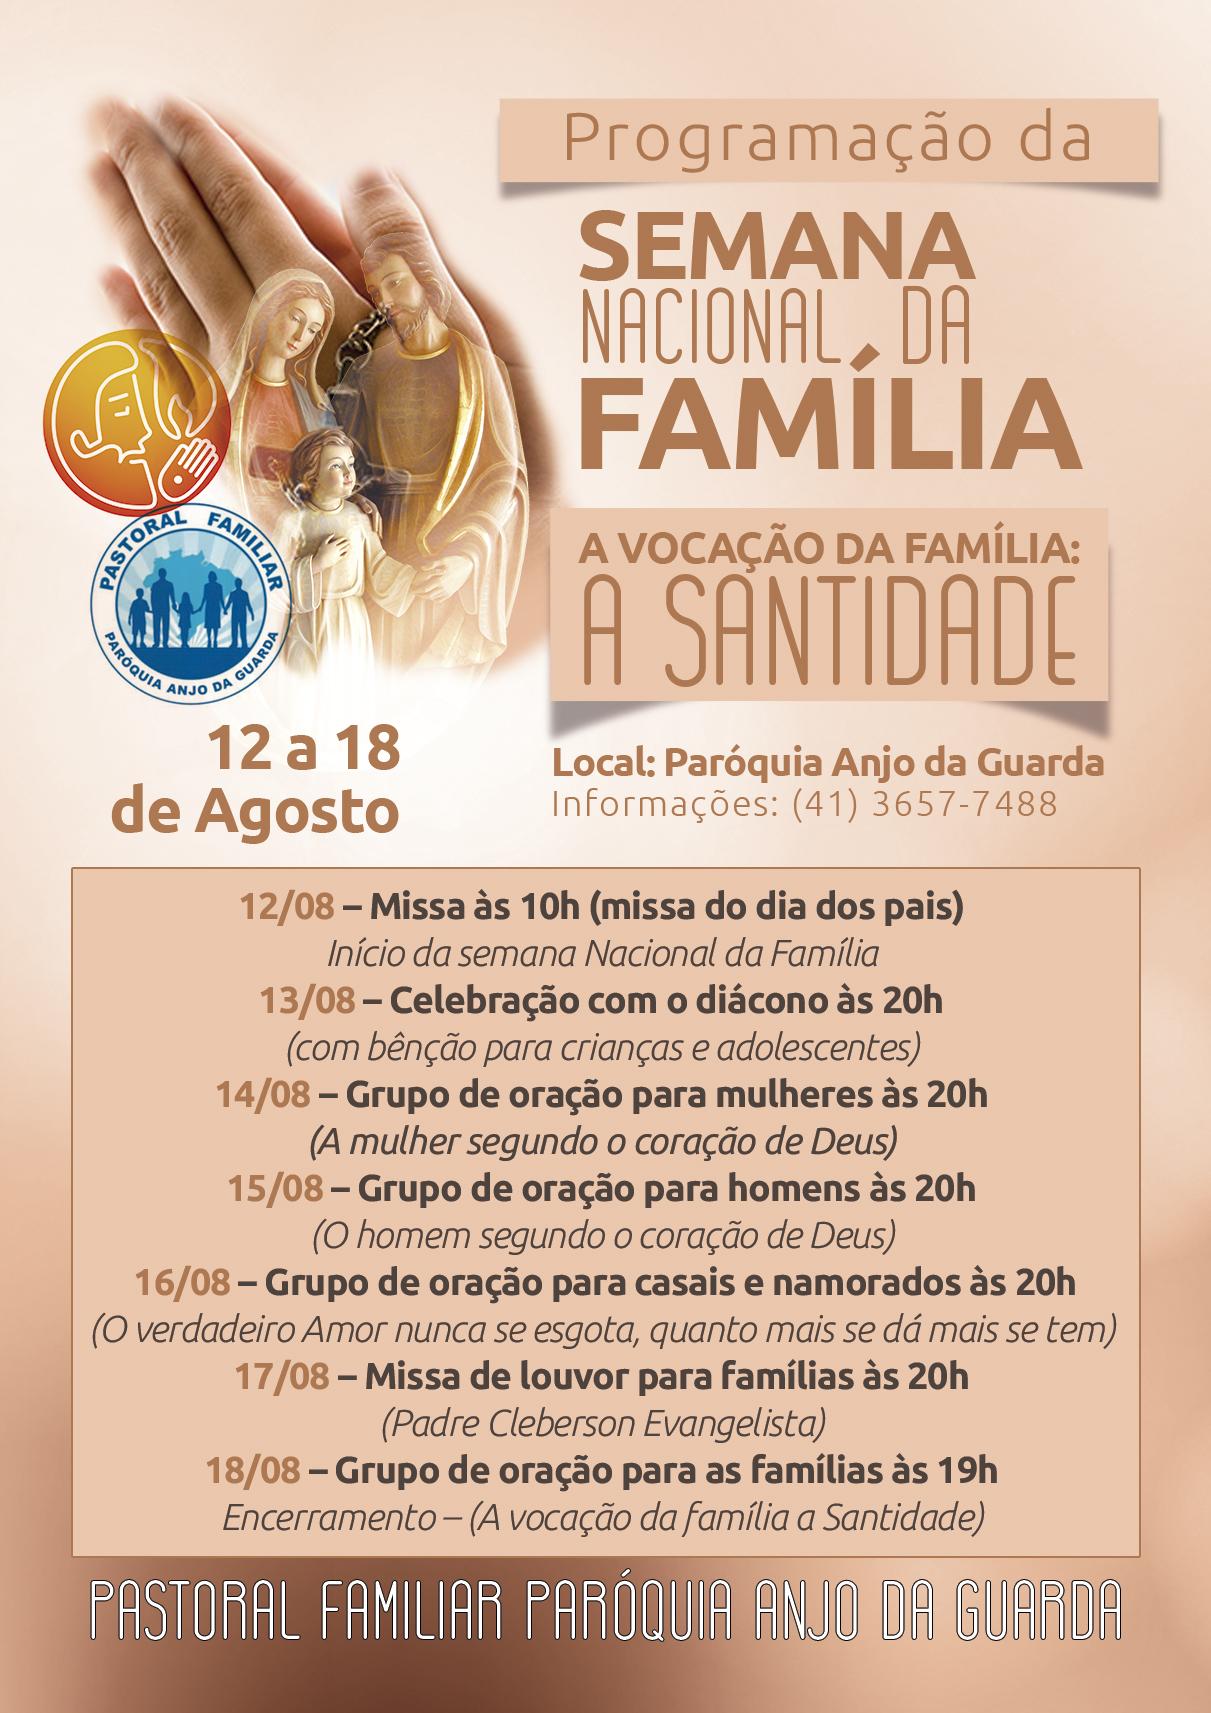 Semana nacional da Família na paróquia Anjo da Guarda